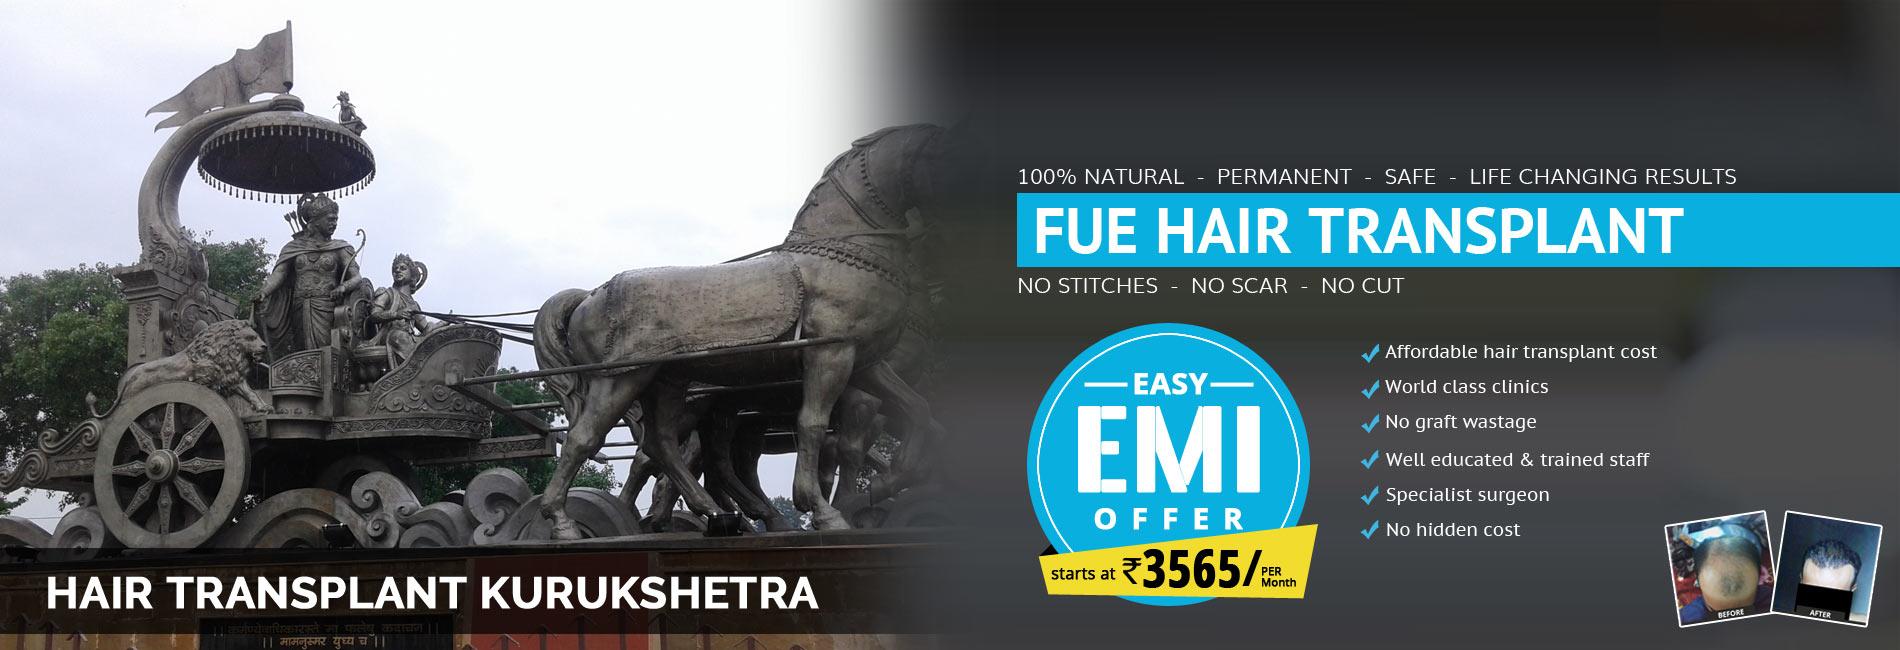 Hair Transplant Kurukshetra